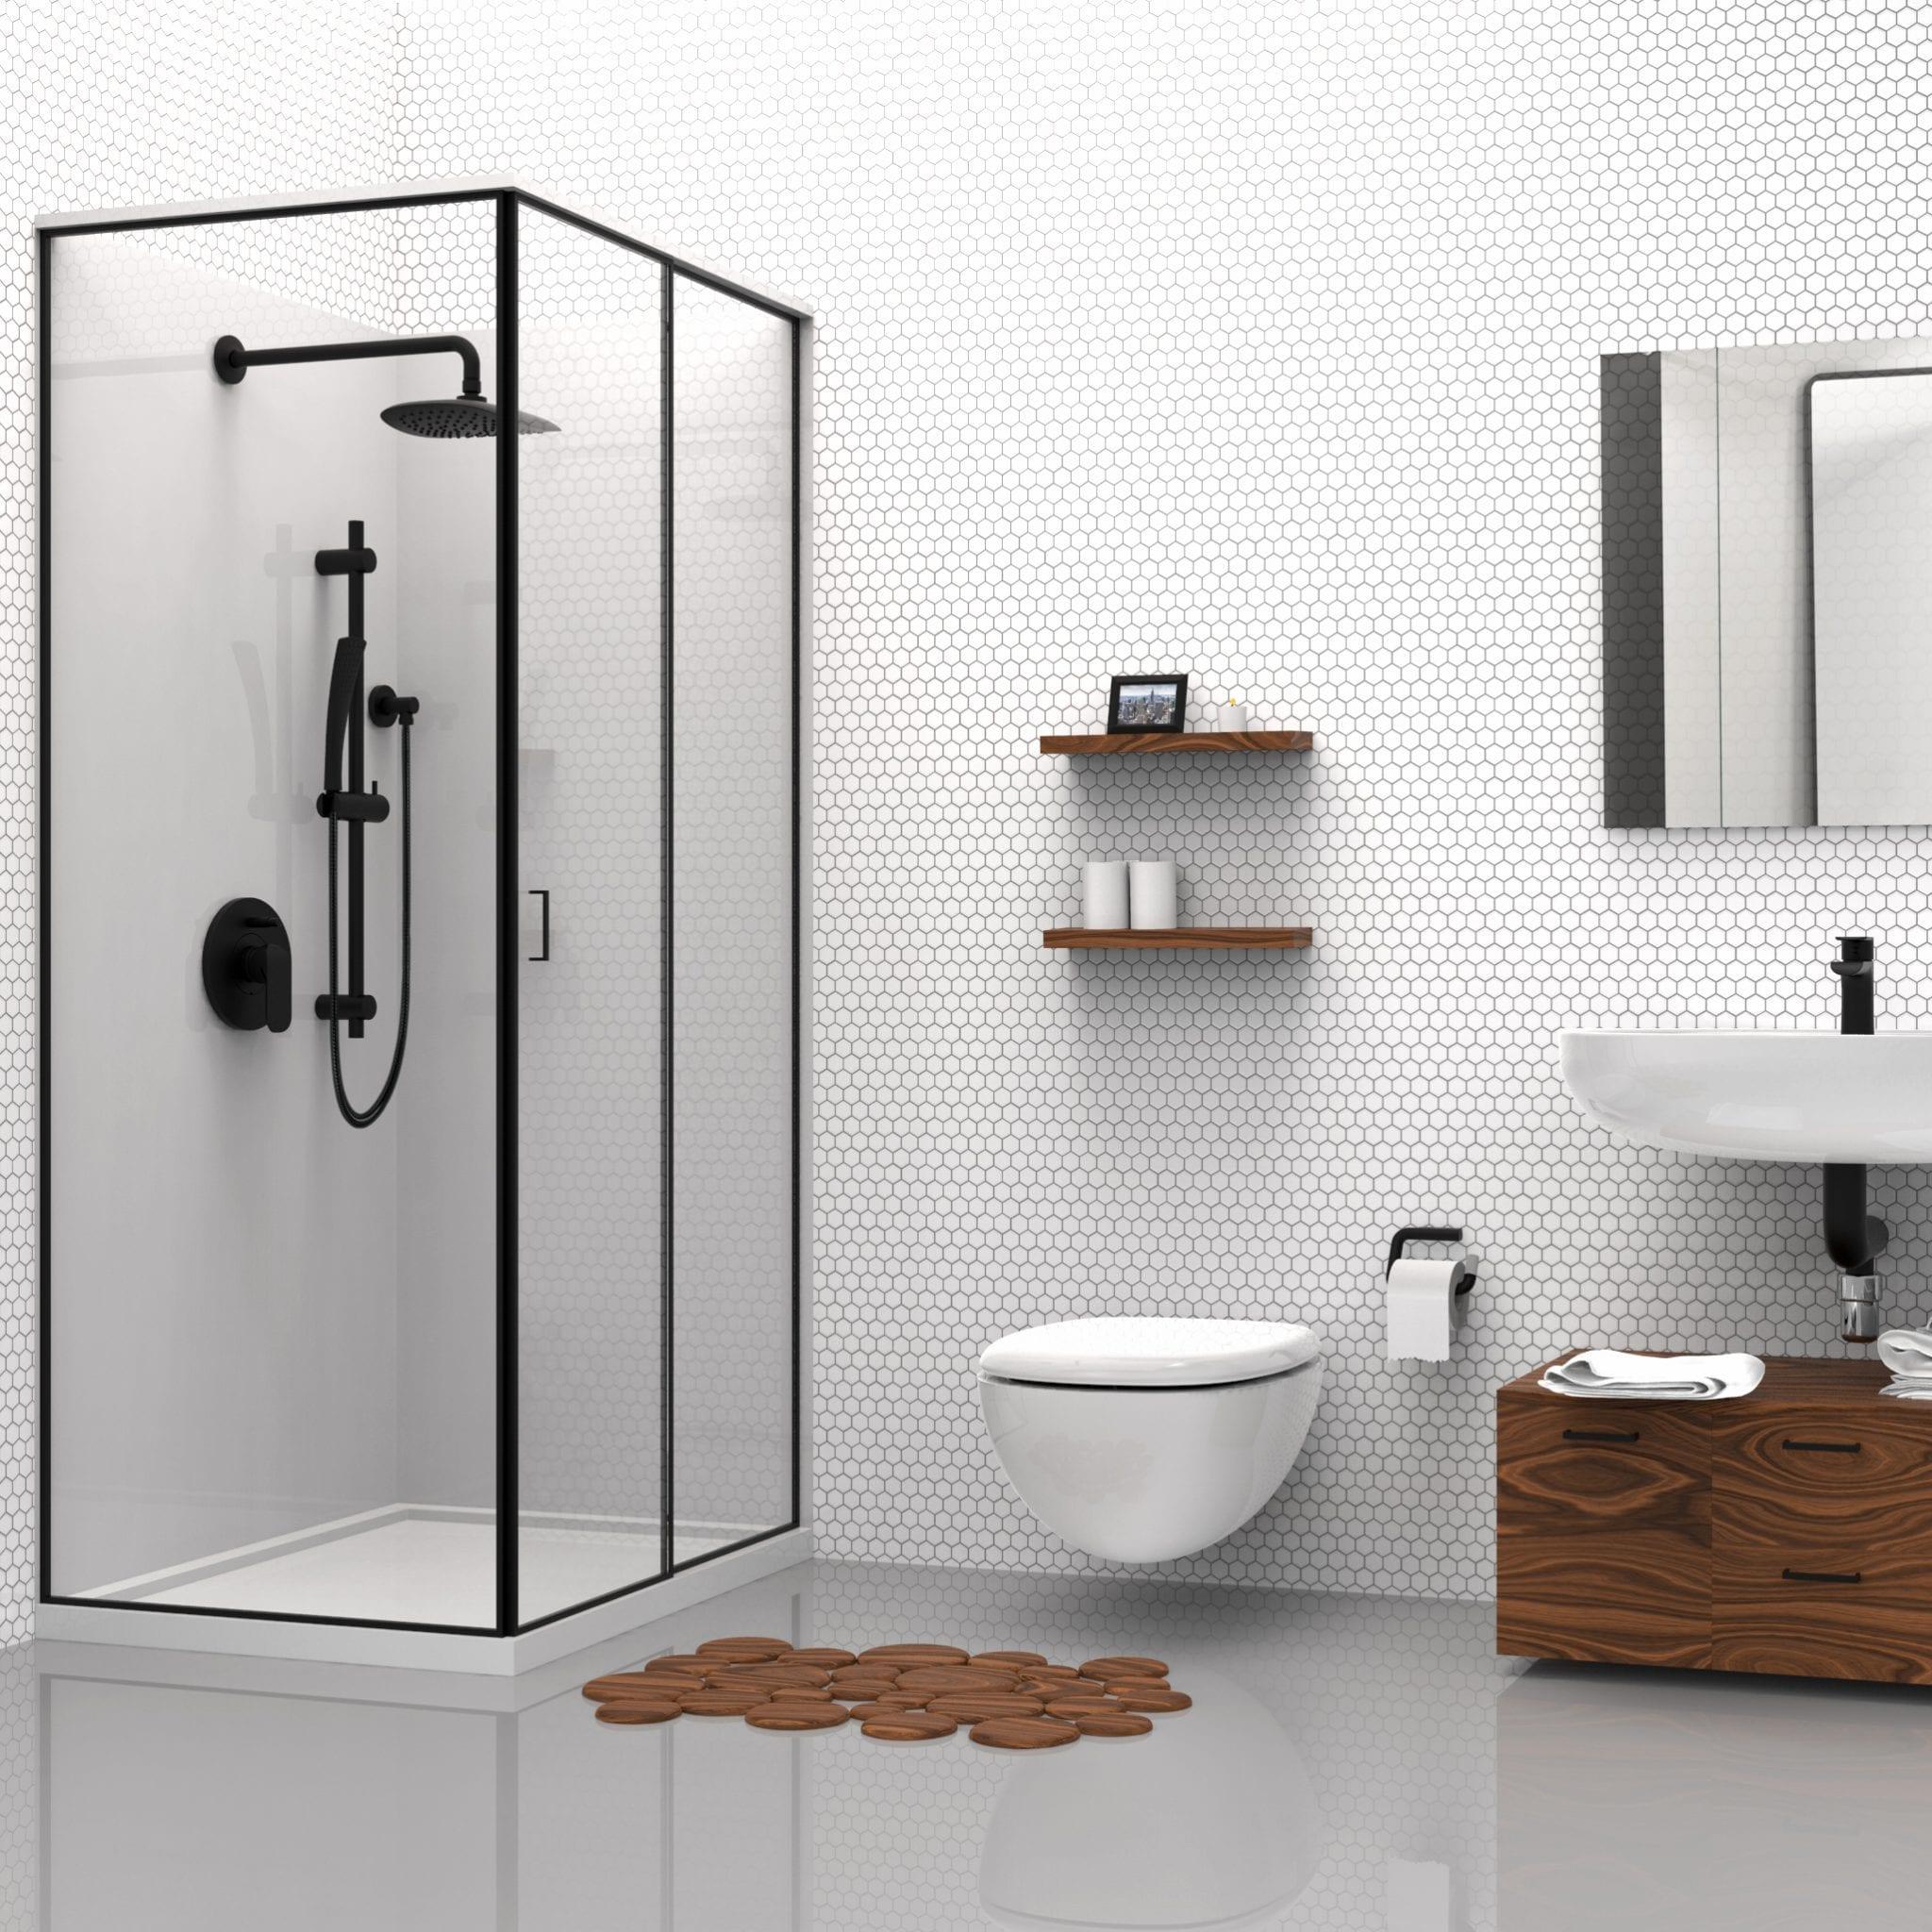 Kit Matte Black Shower Faucet Trim For Pressure Balanced Diverter